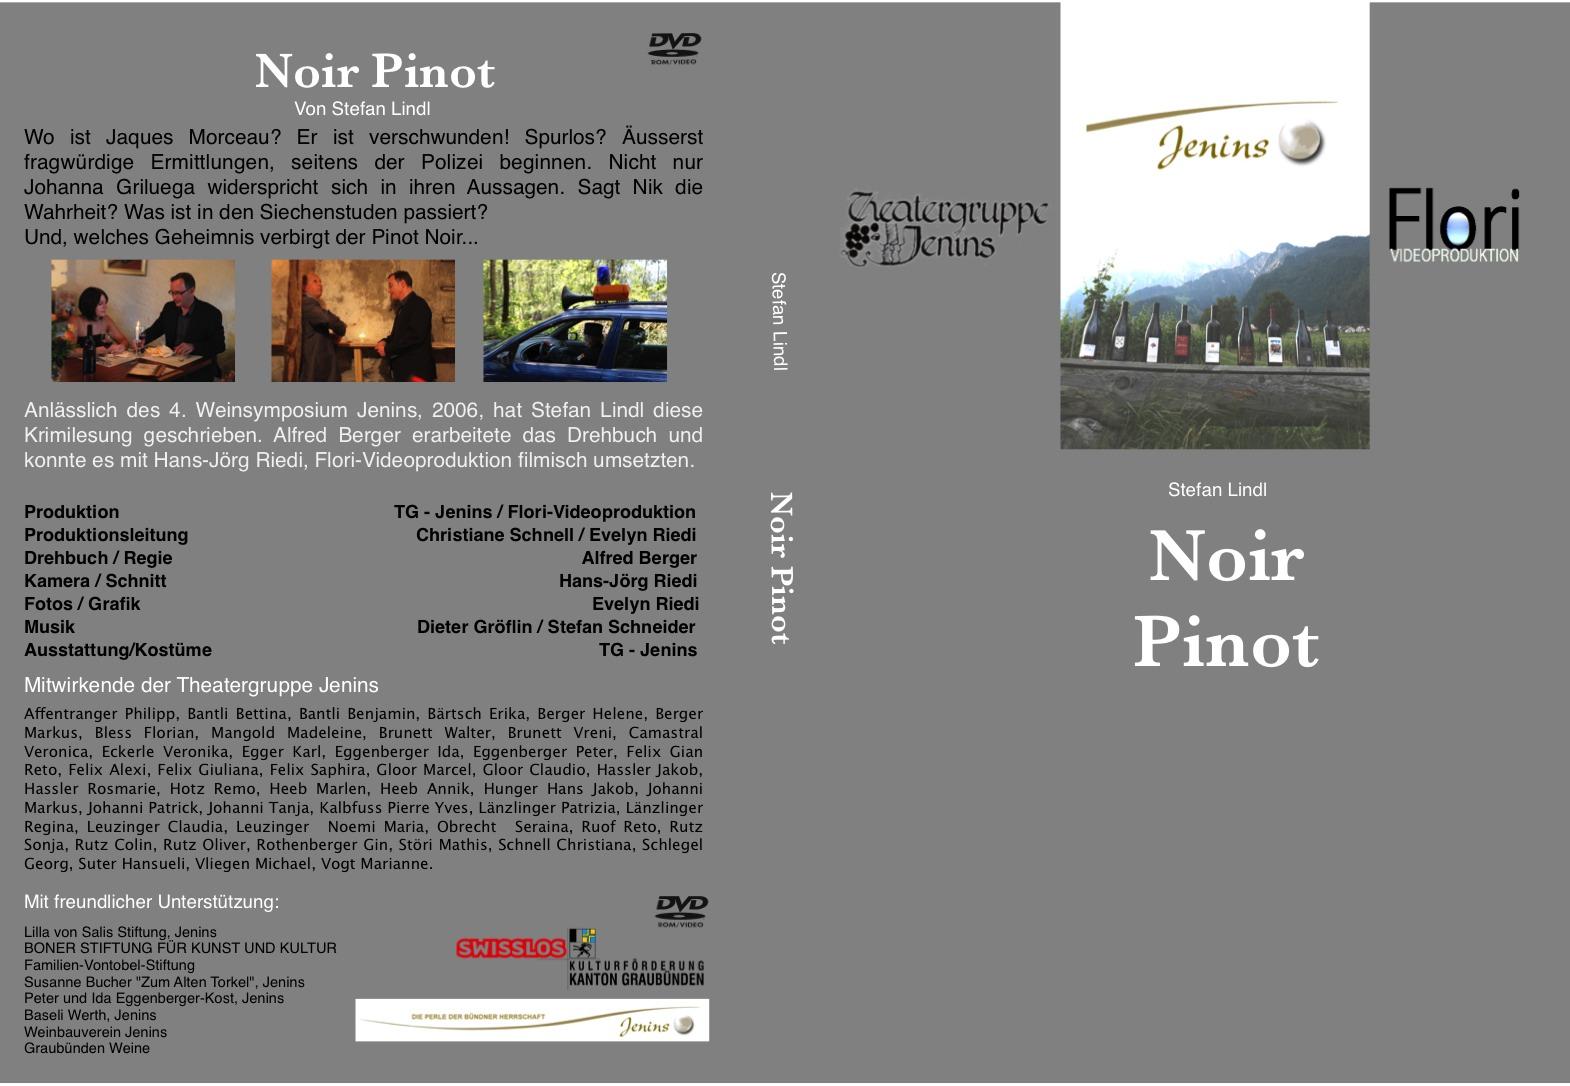 Noir Pinot